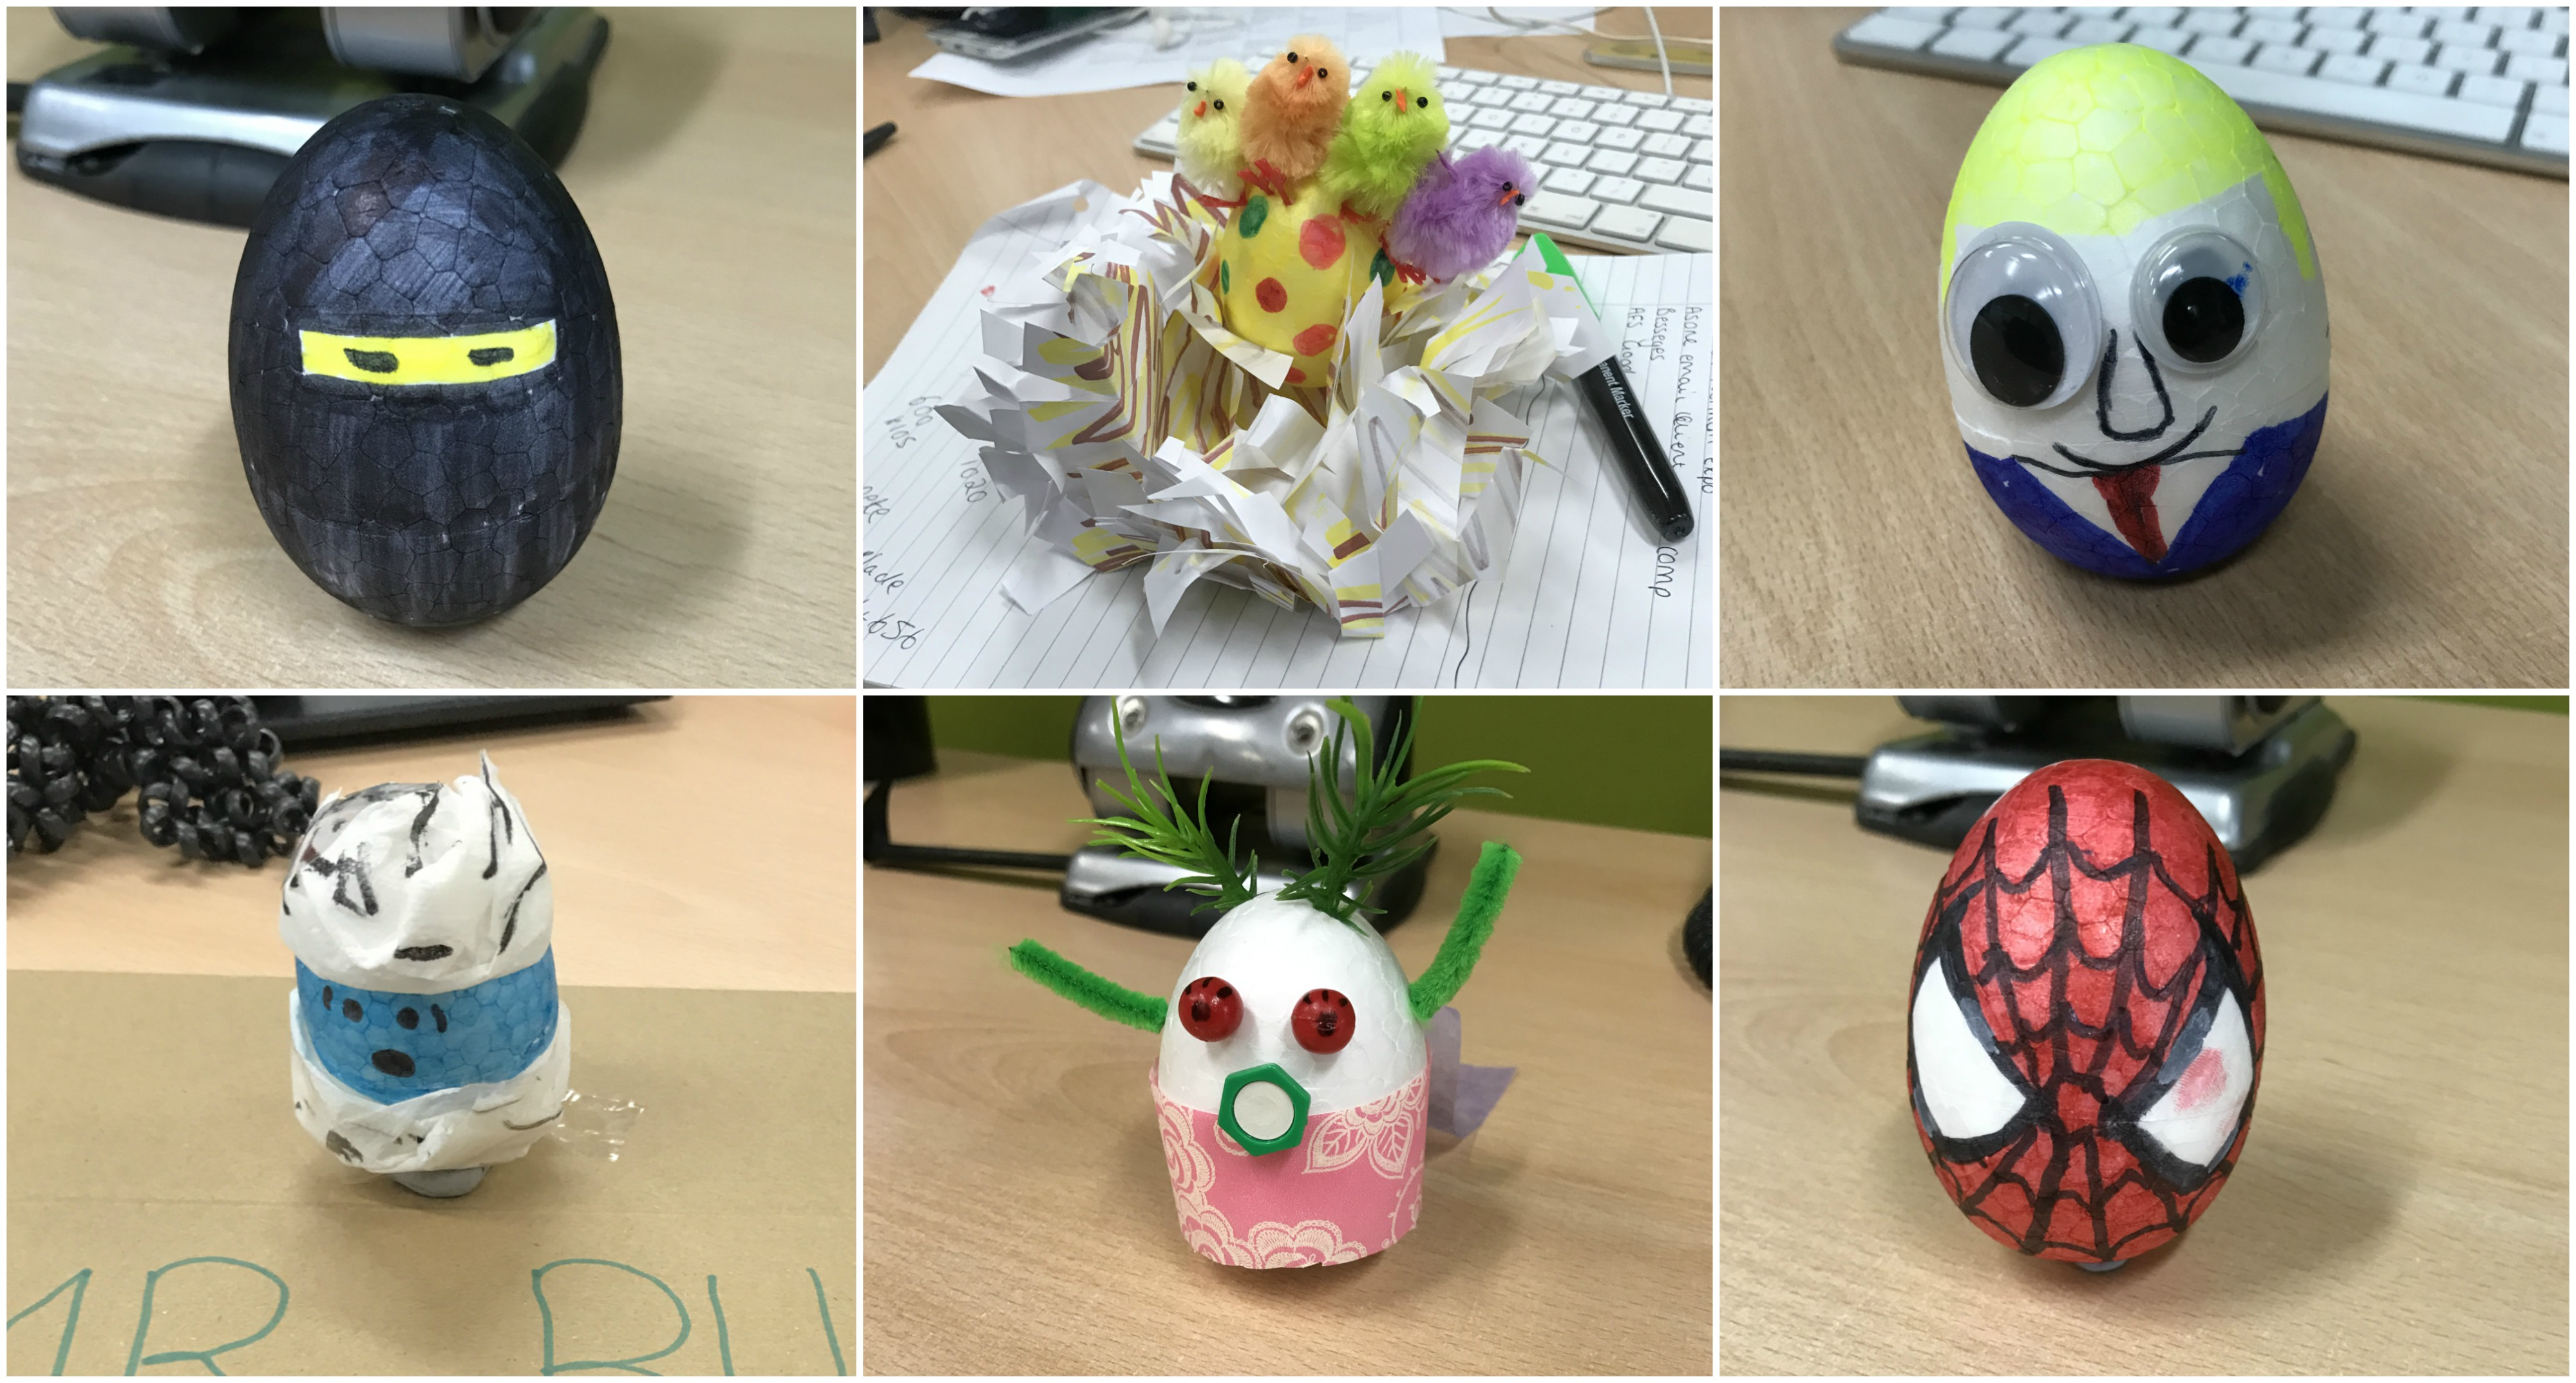 Fun office activities